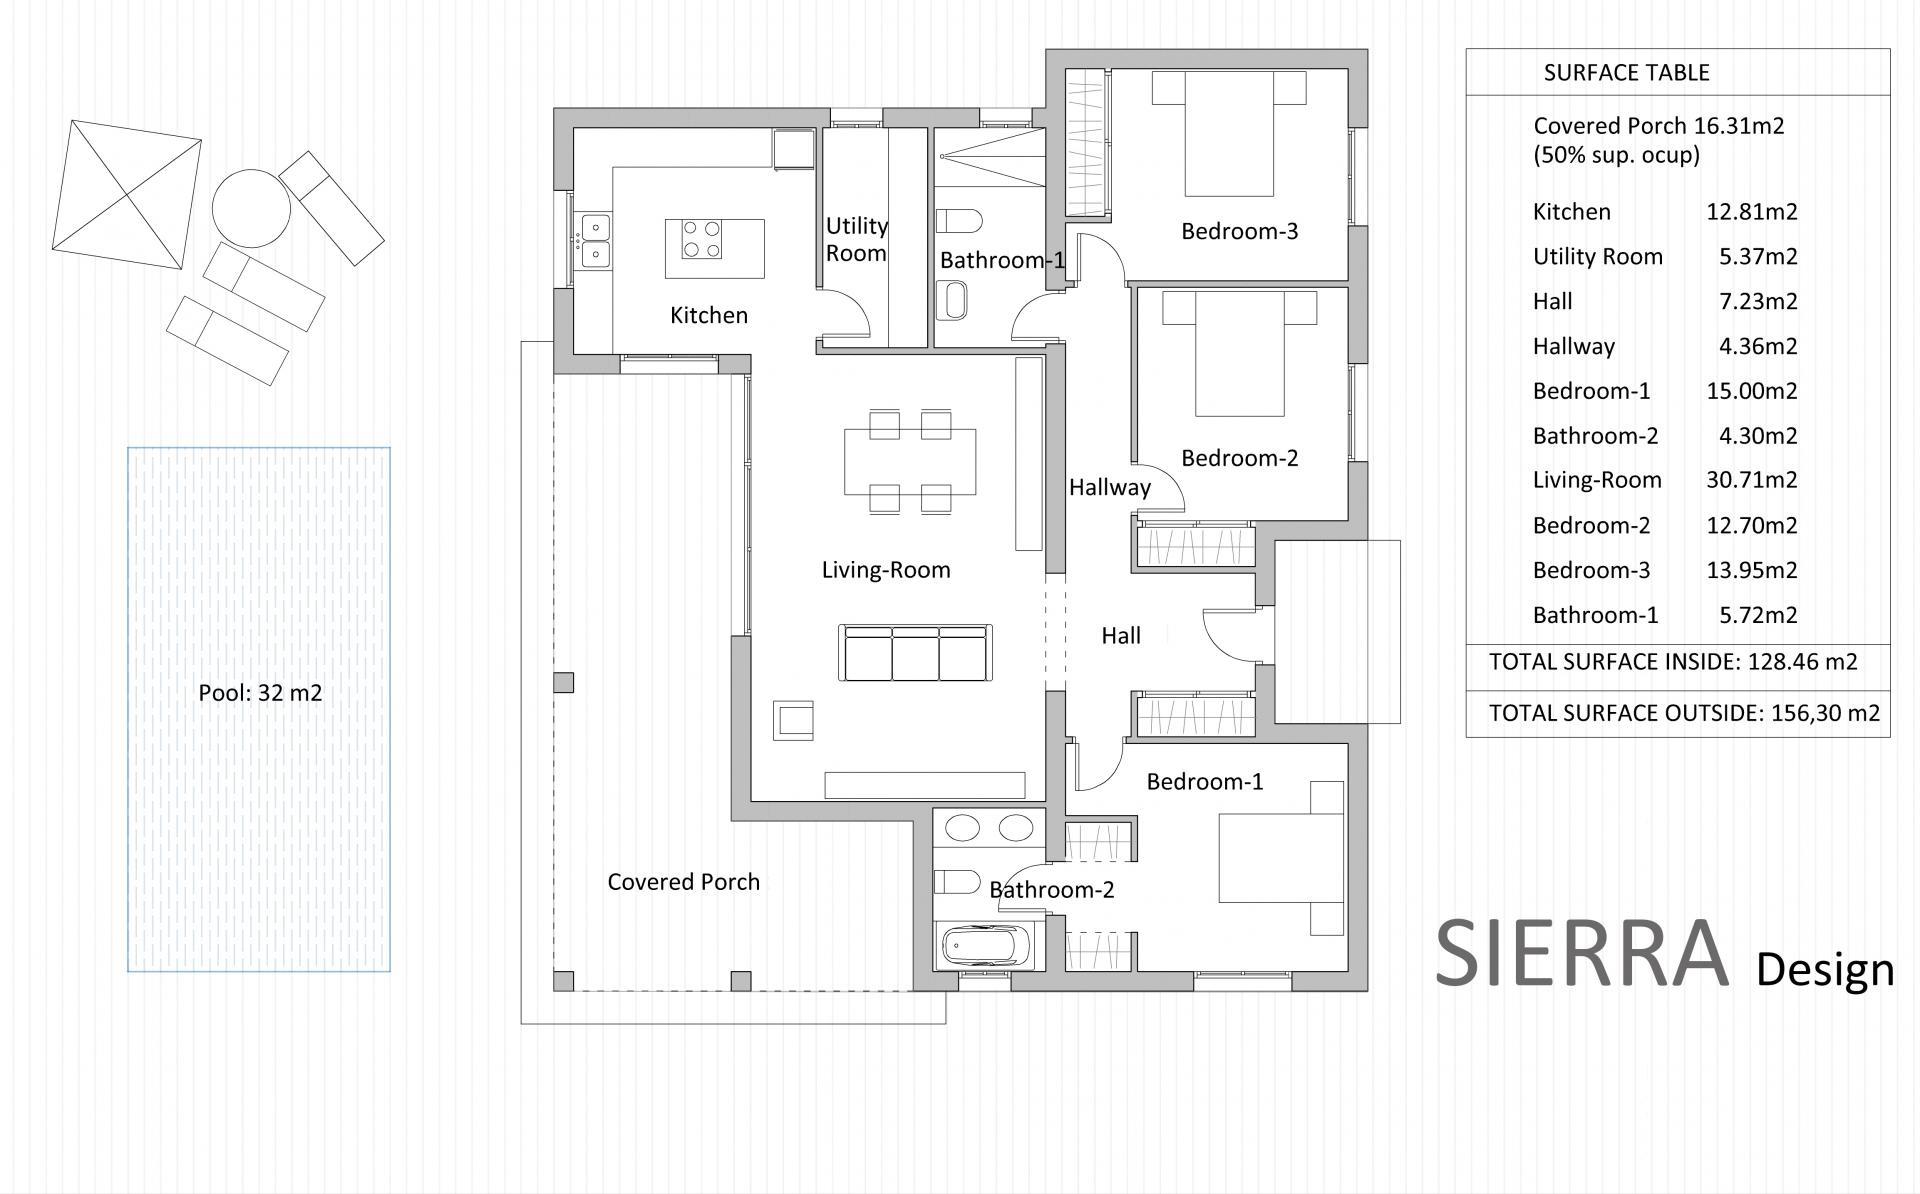 New Villa Off Plan for sale in Macisvenda, Murcia in Medvilla Spanje